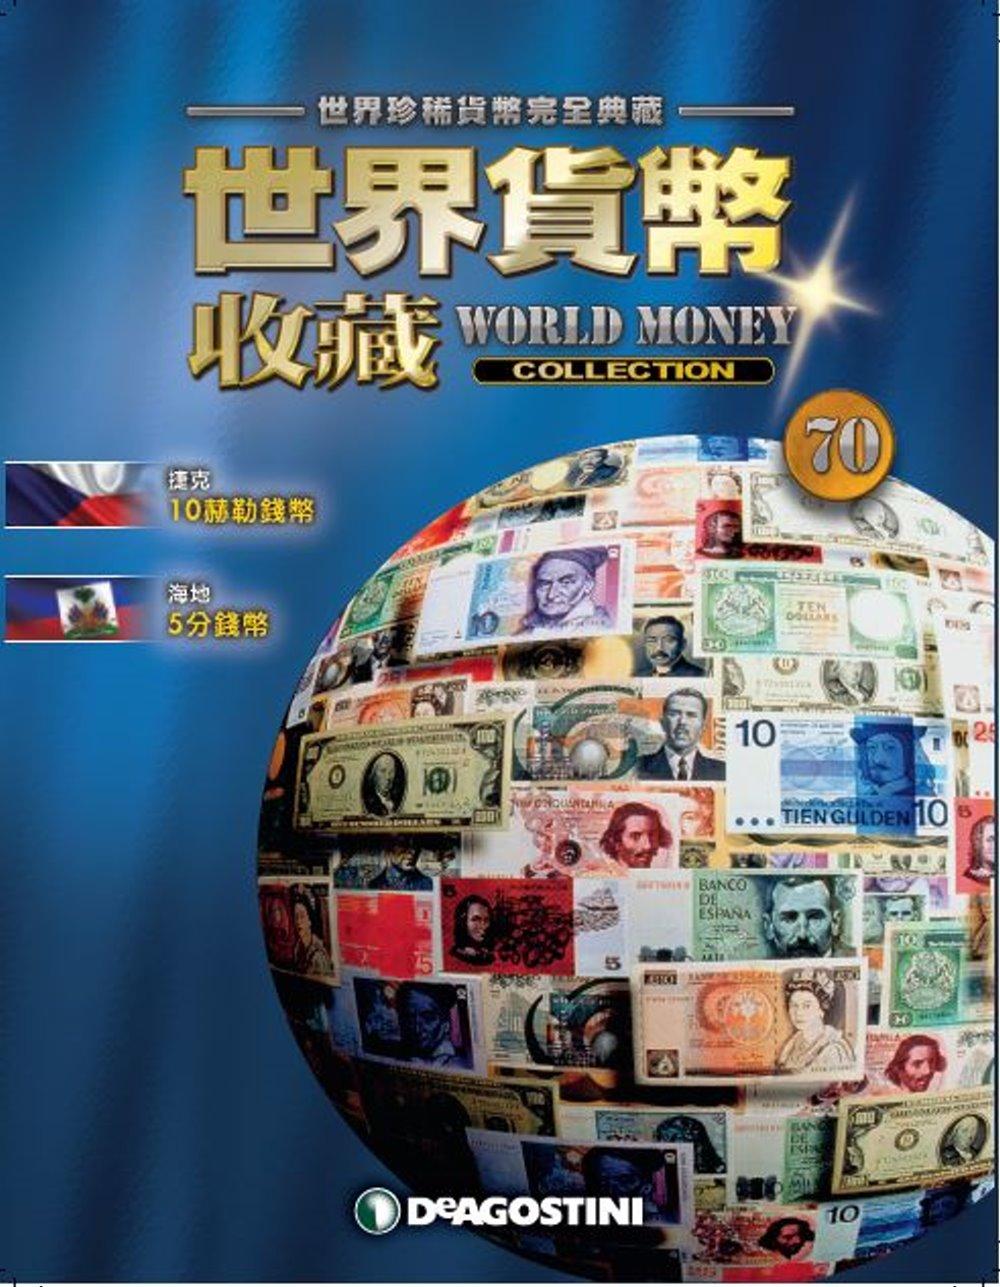 世界貨幣收藏 2017/10/24第70期